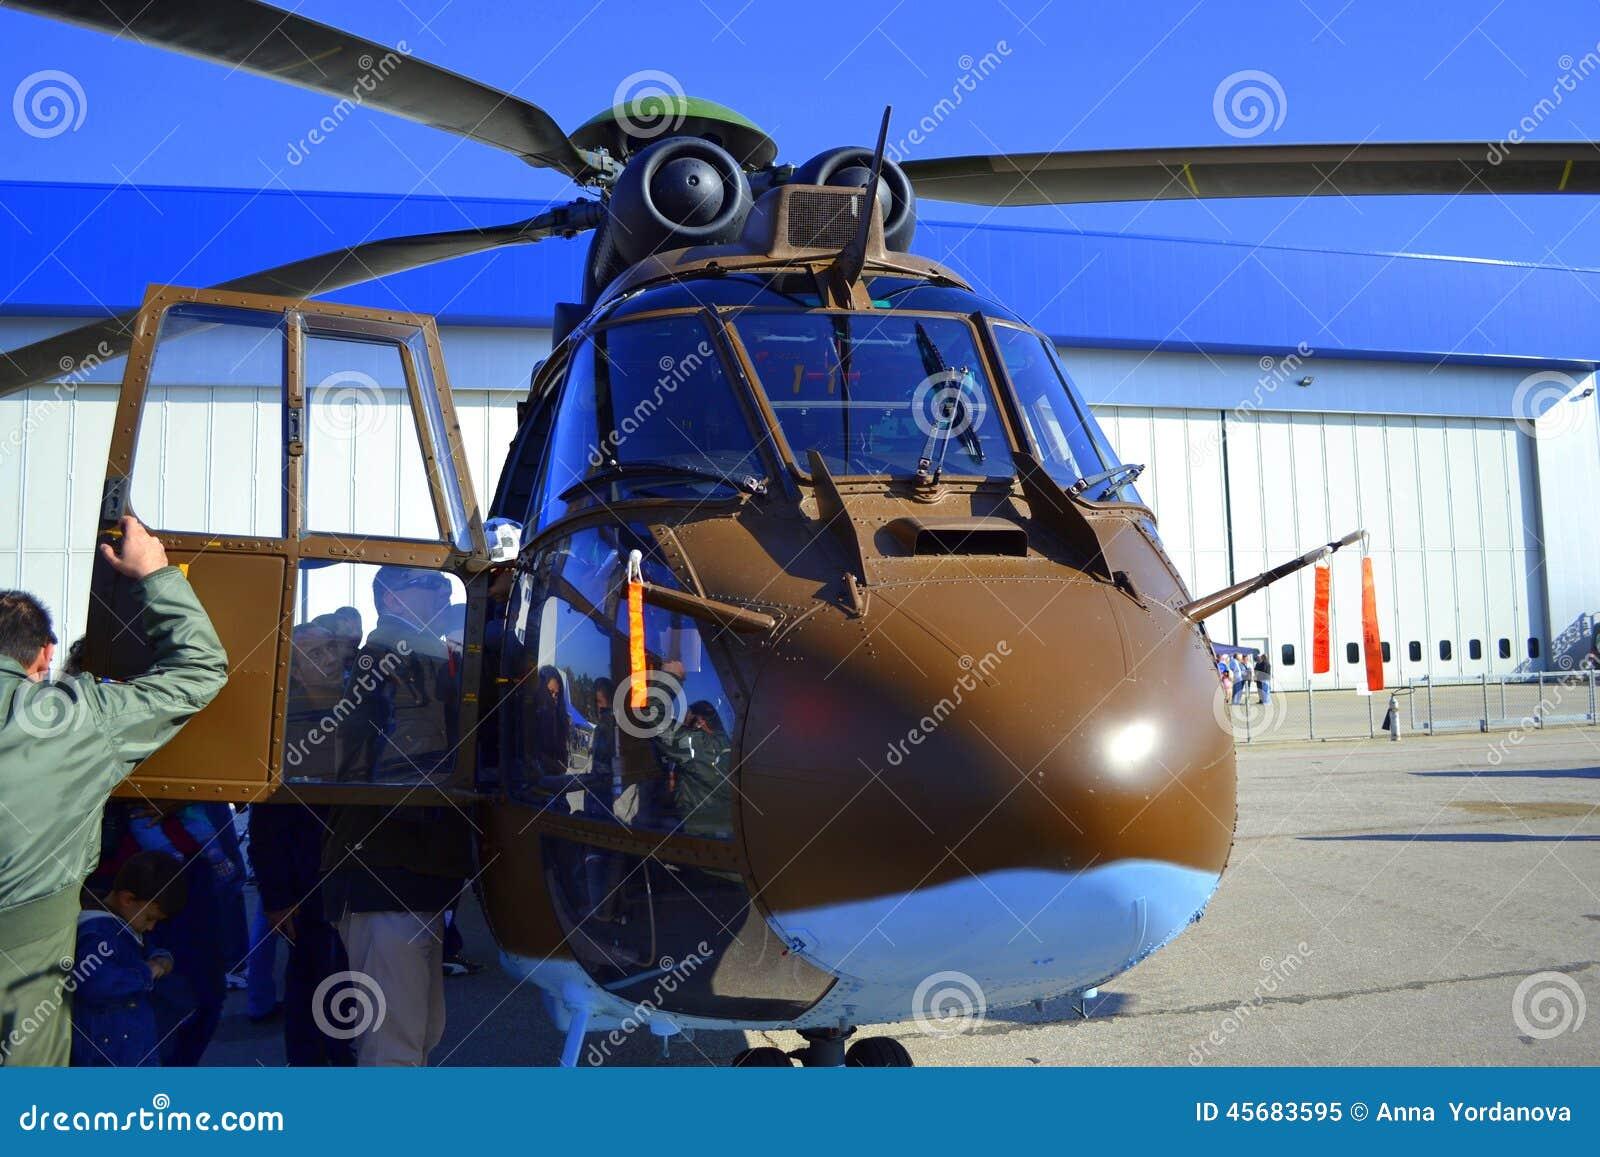 Exhibición de la vista delantera del puma de Eurocopter AS532